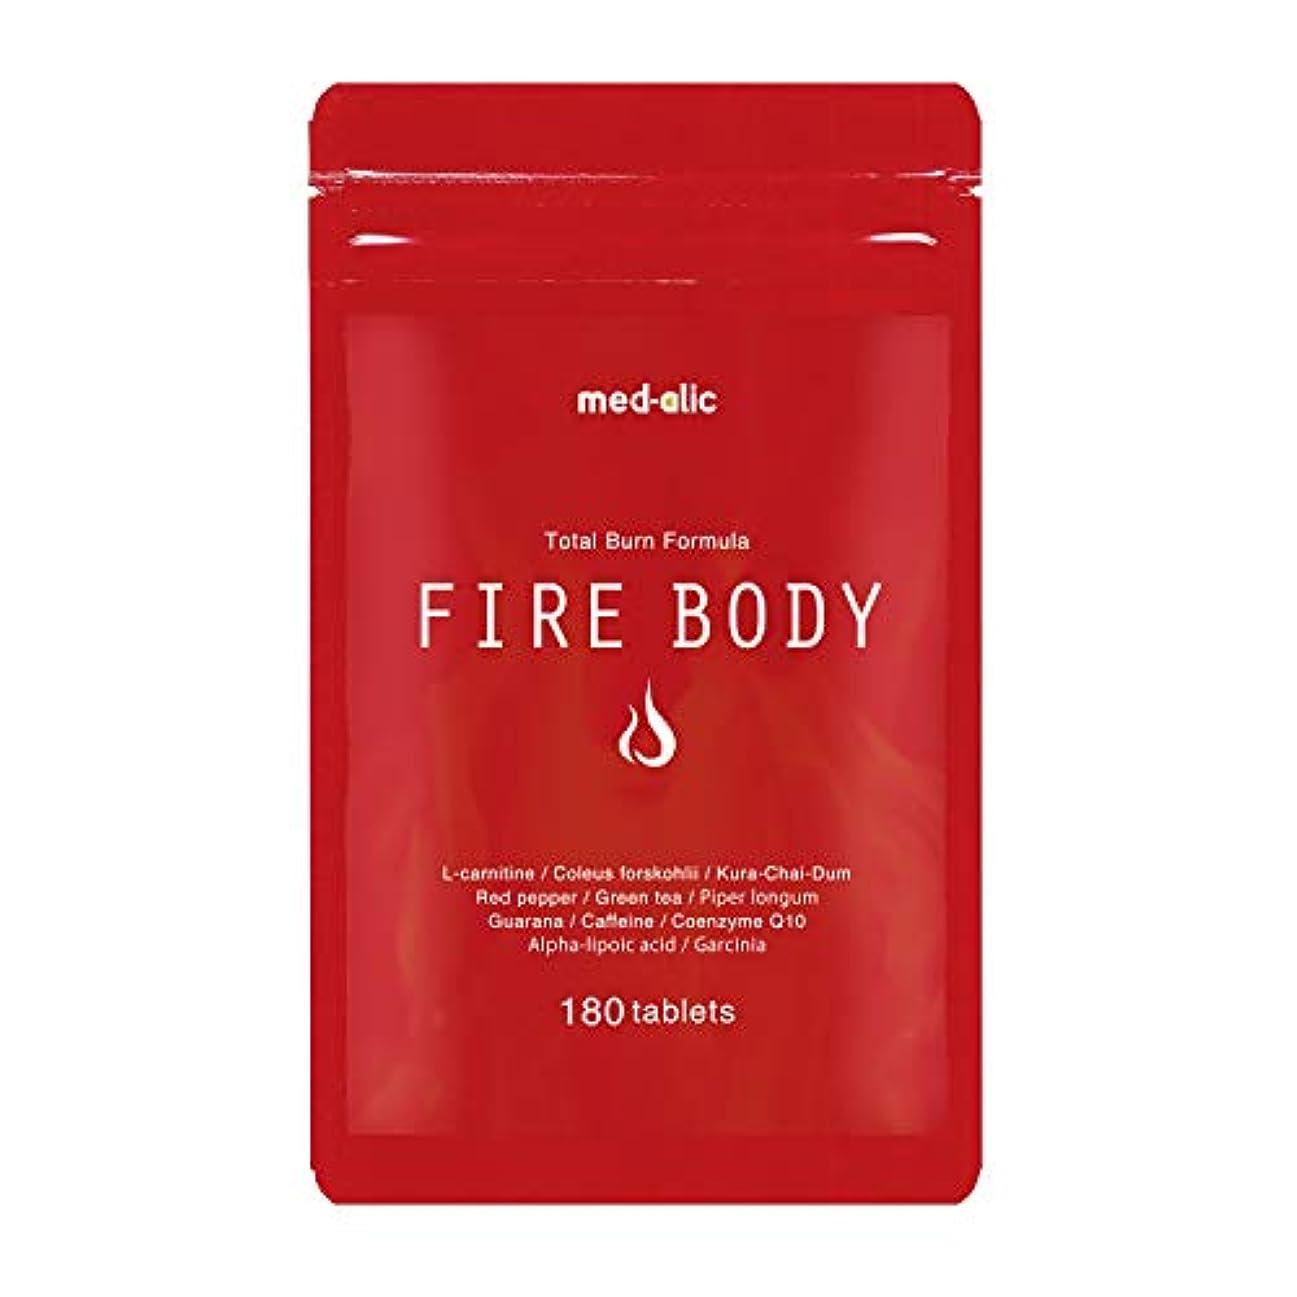 現在スキャンダル以前はFIREBODY ダイエット サプリ 燃焼系 サプリメント L-カルニチン コレウスフォルスコリ 厳選11成分 180粒